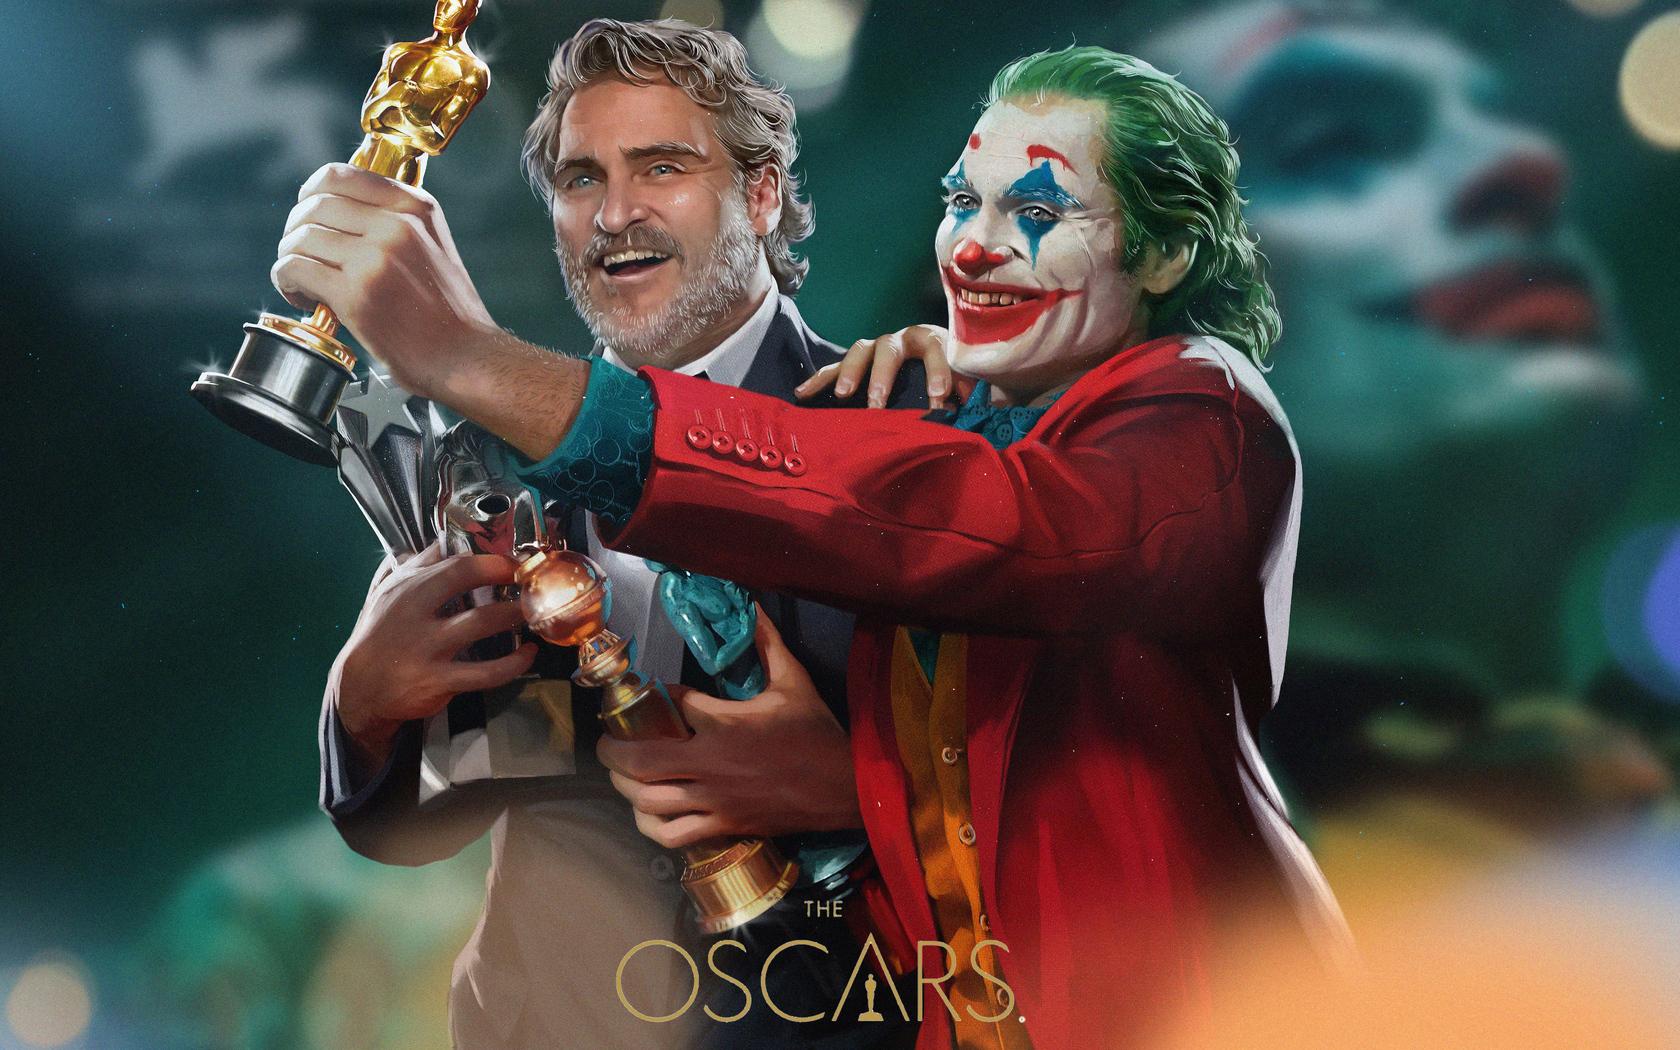 joker-wins-oscar-6t.jpg